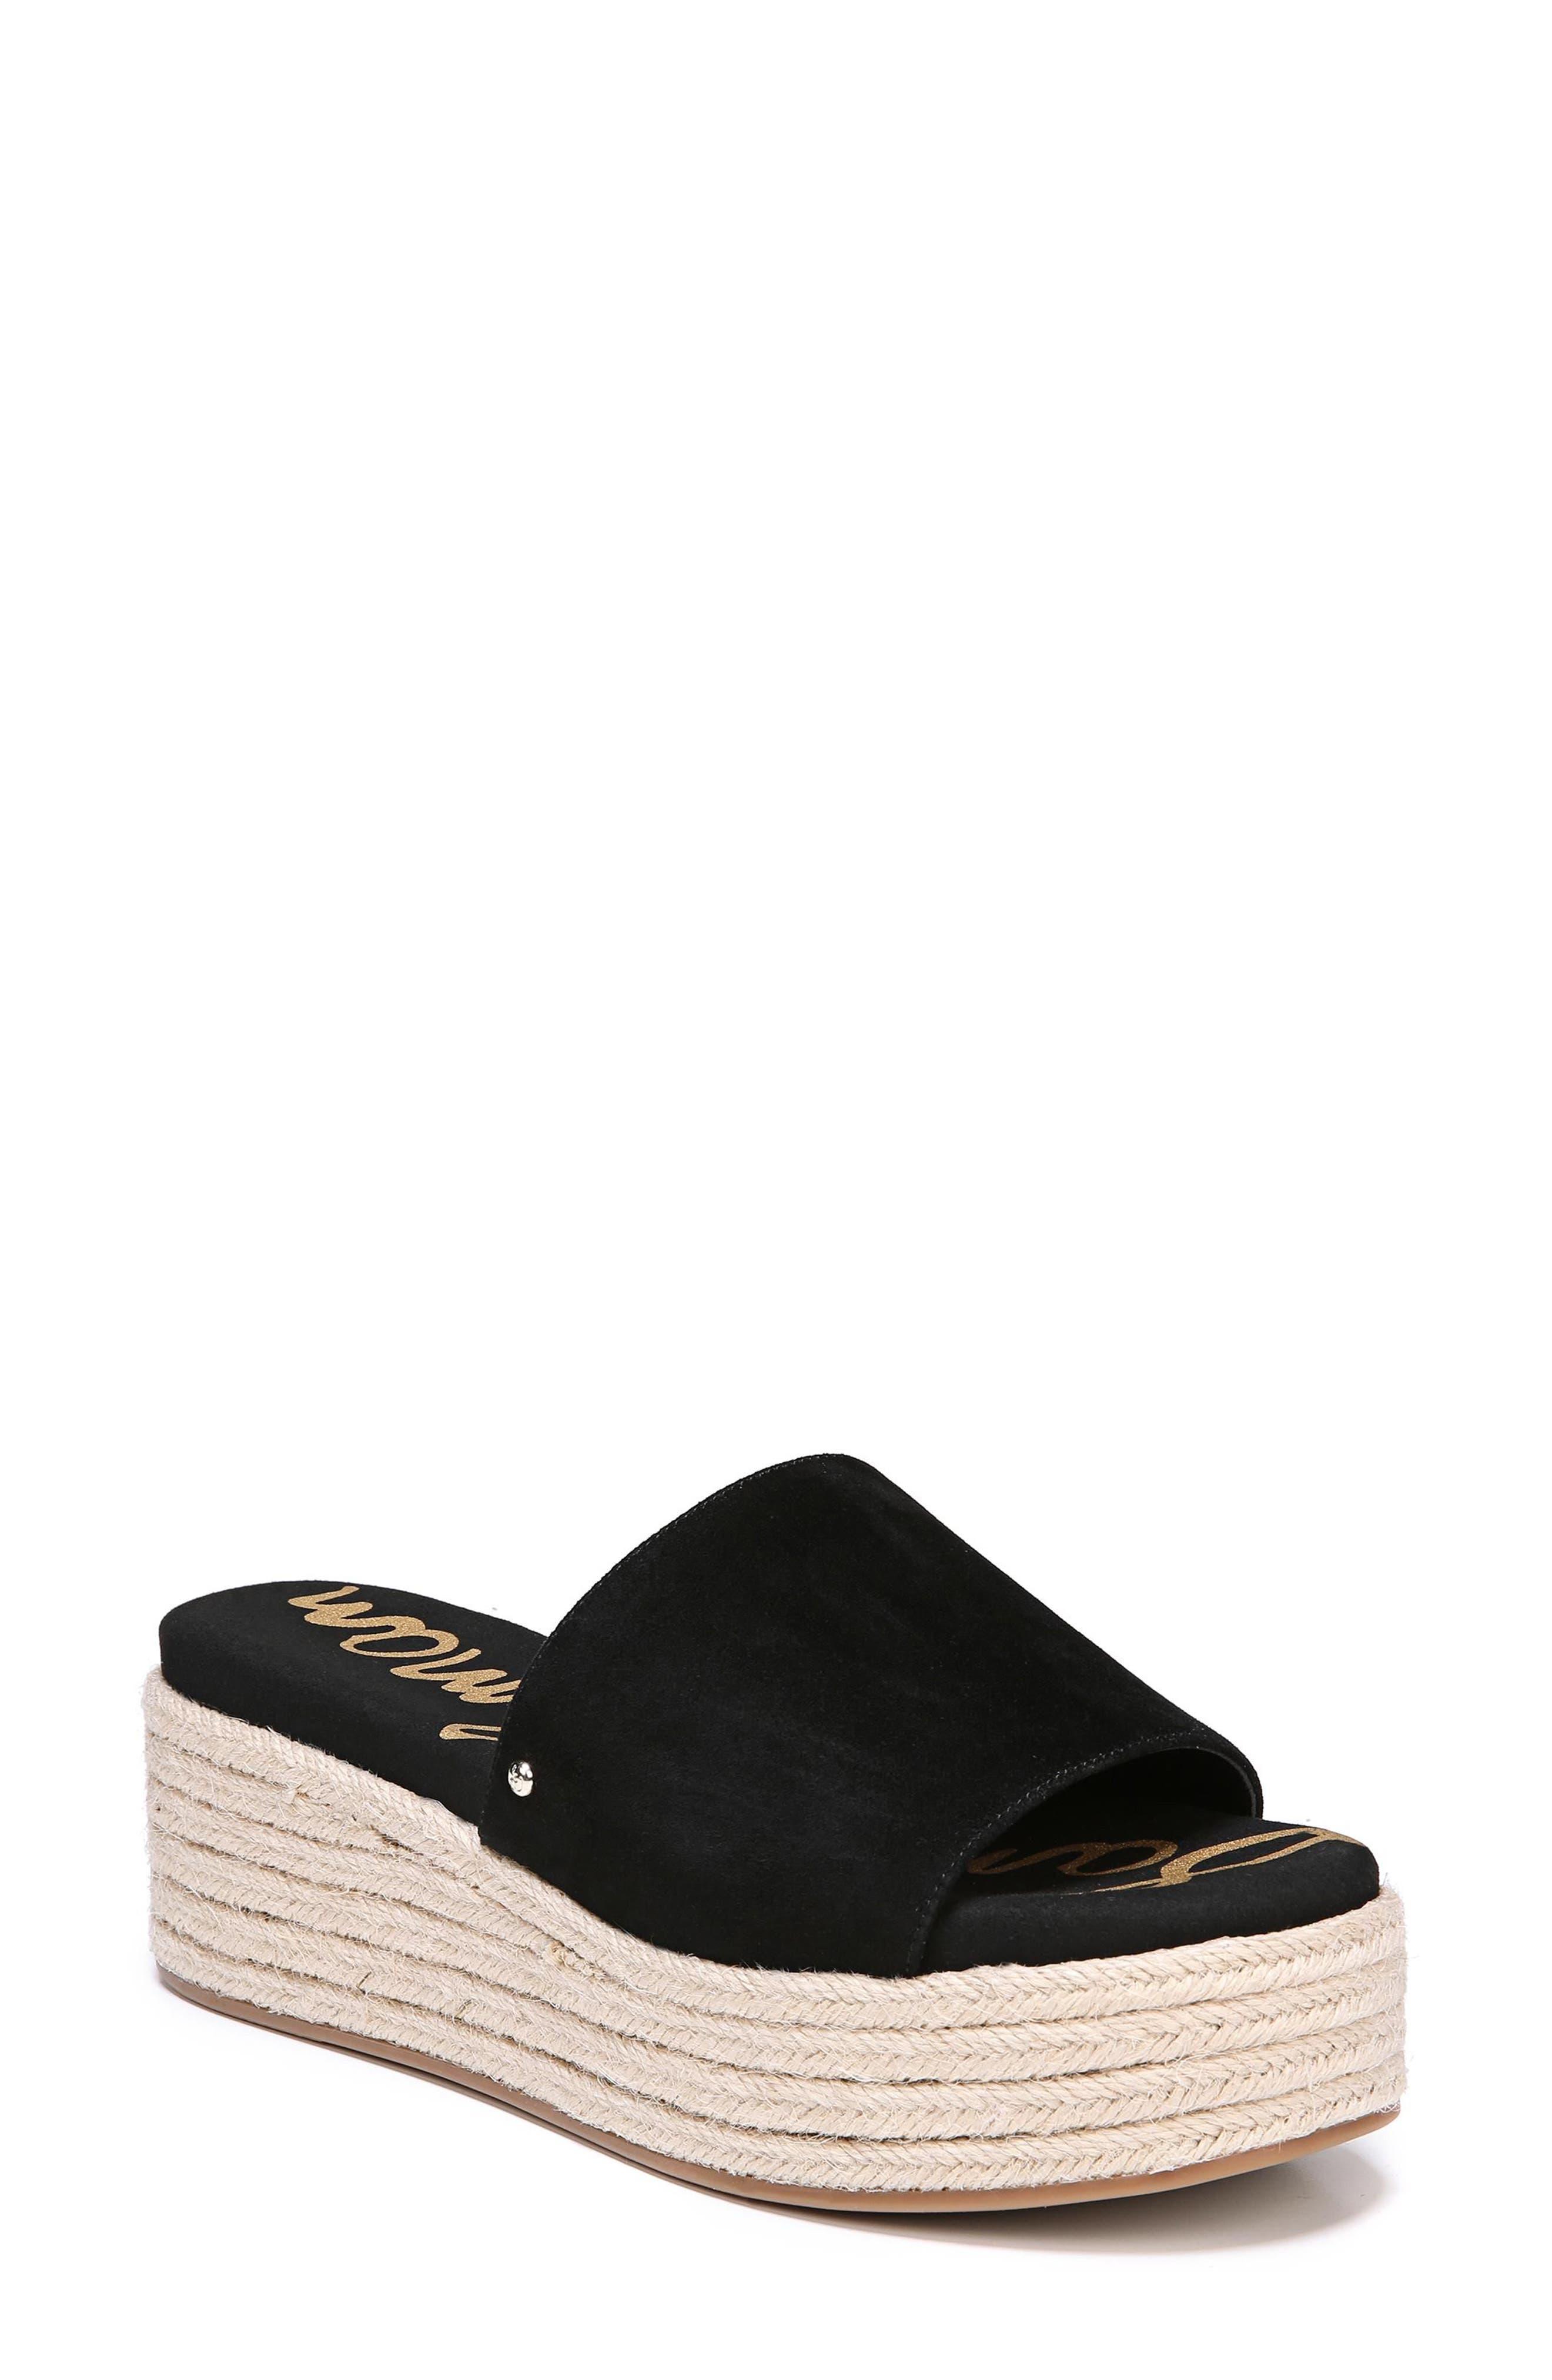 Weslee Platform Slide Sandal,                         Main,                         color, BLACK SUEDE